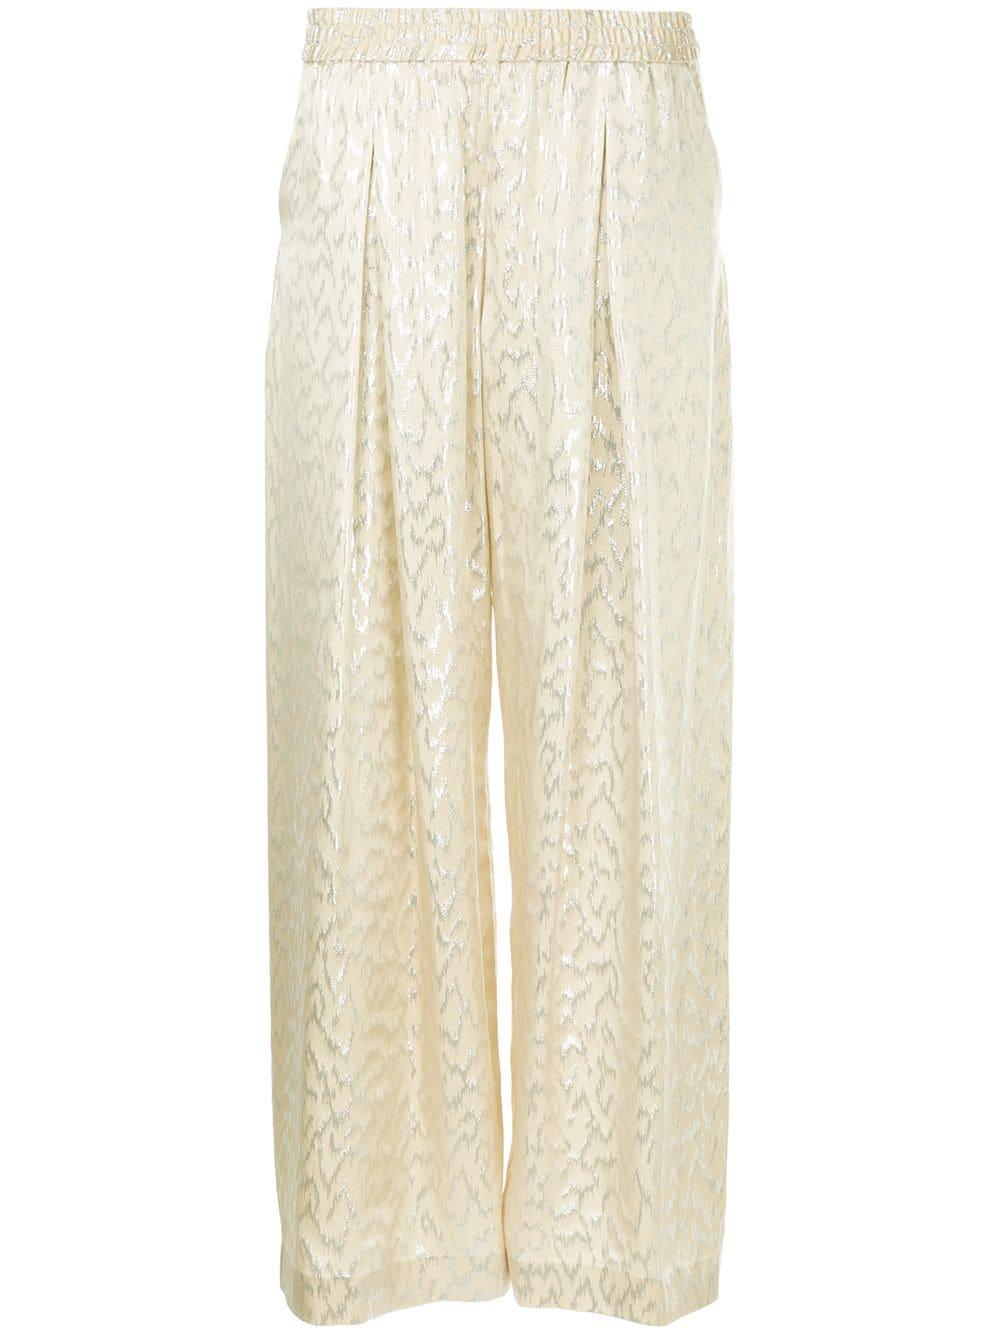 b320b67236d Layeur patterned wide leg trousers - Metallic - Glami.cz